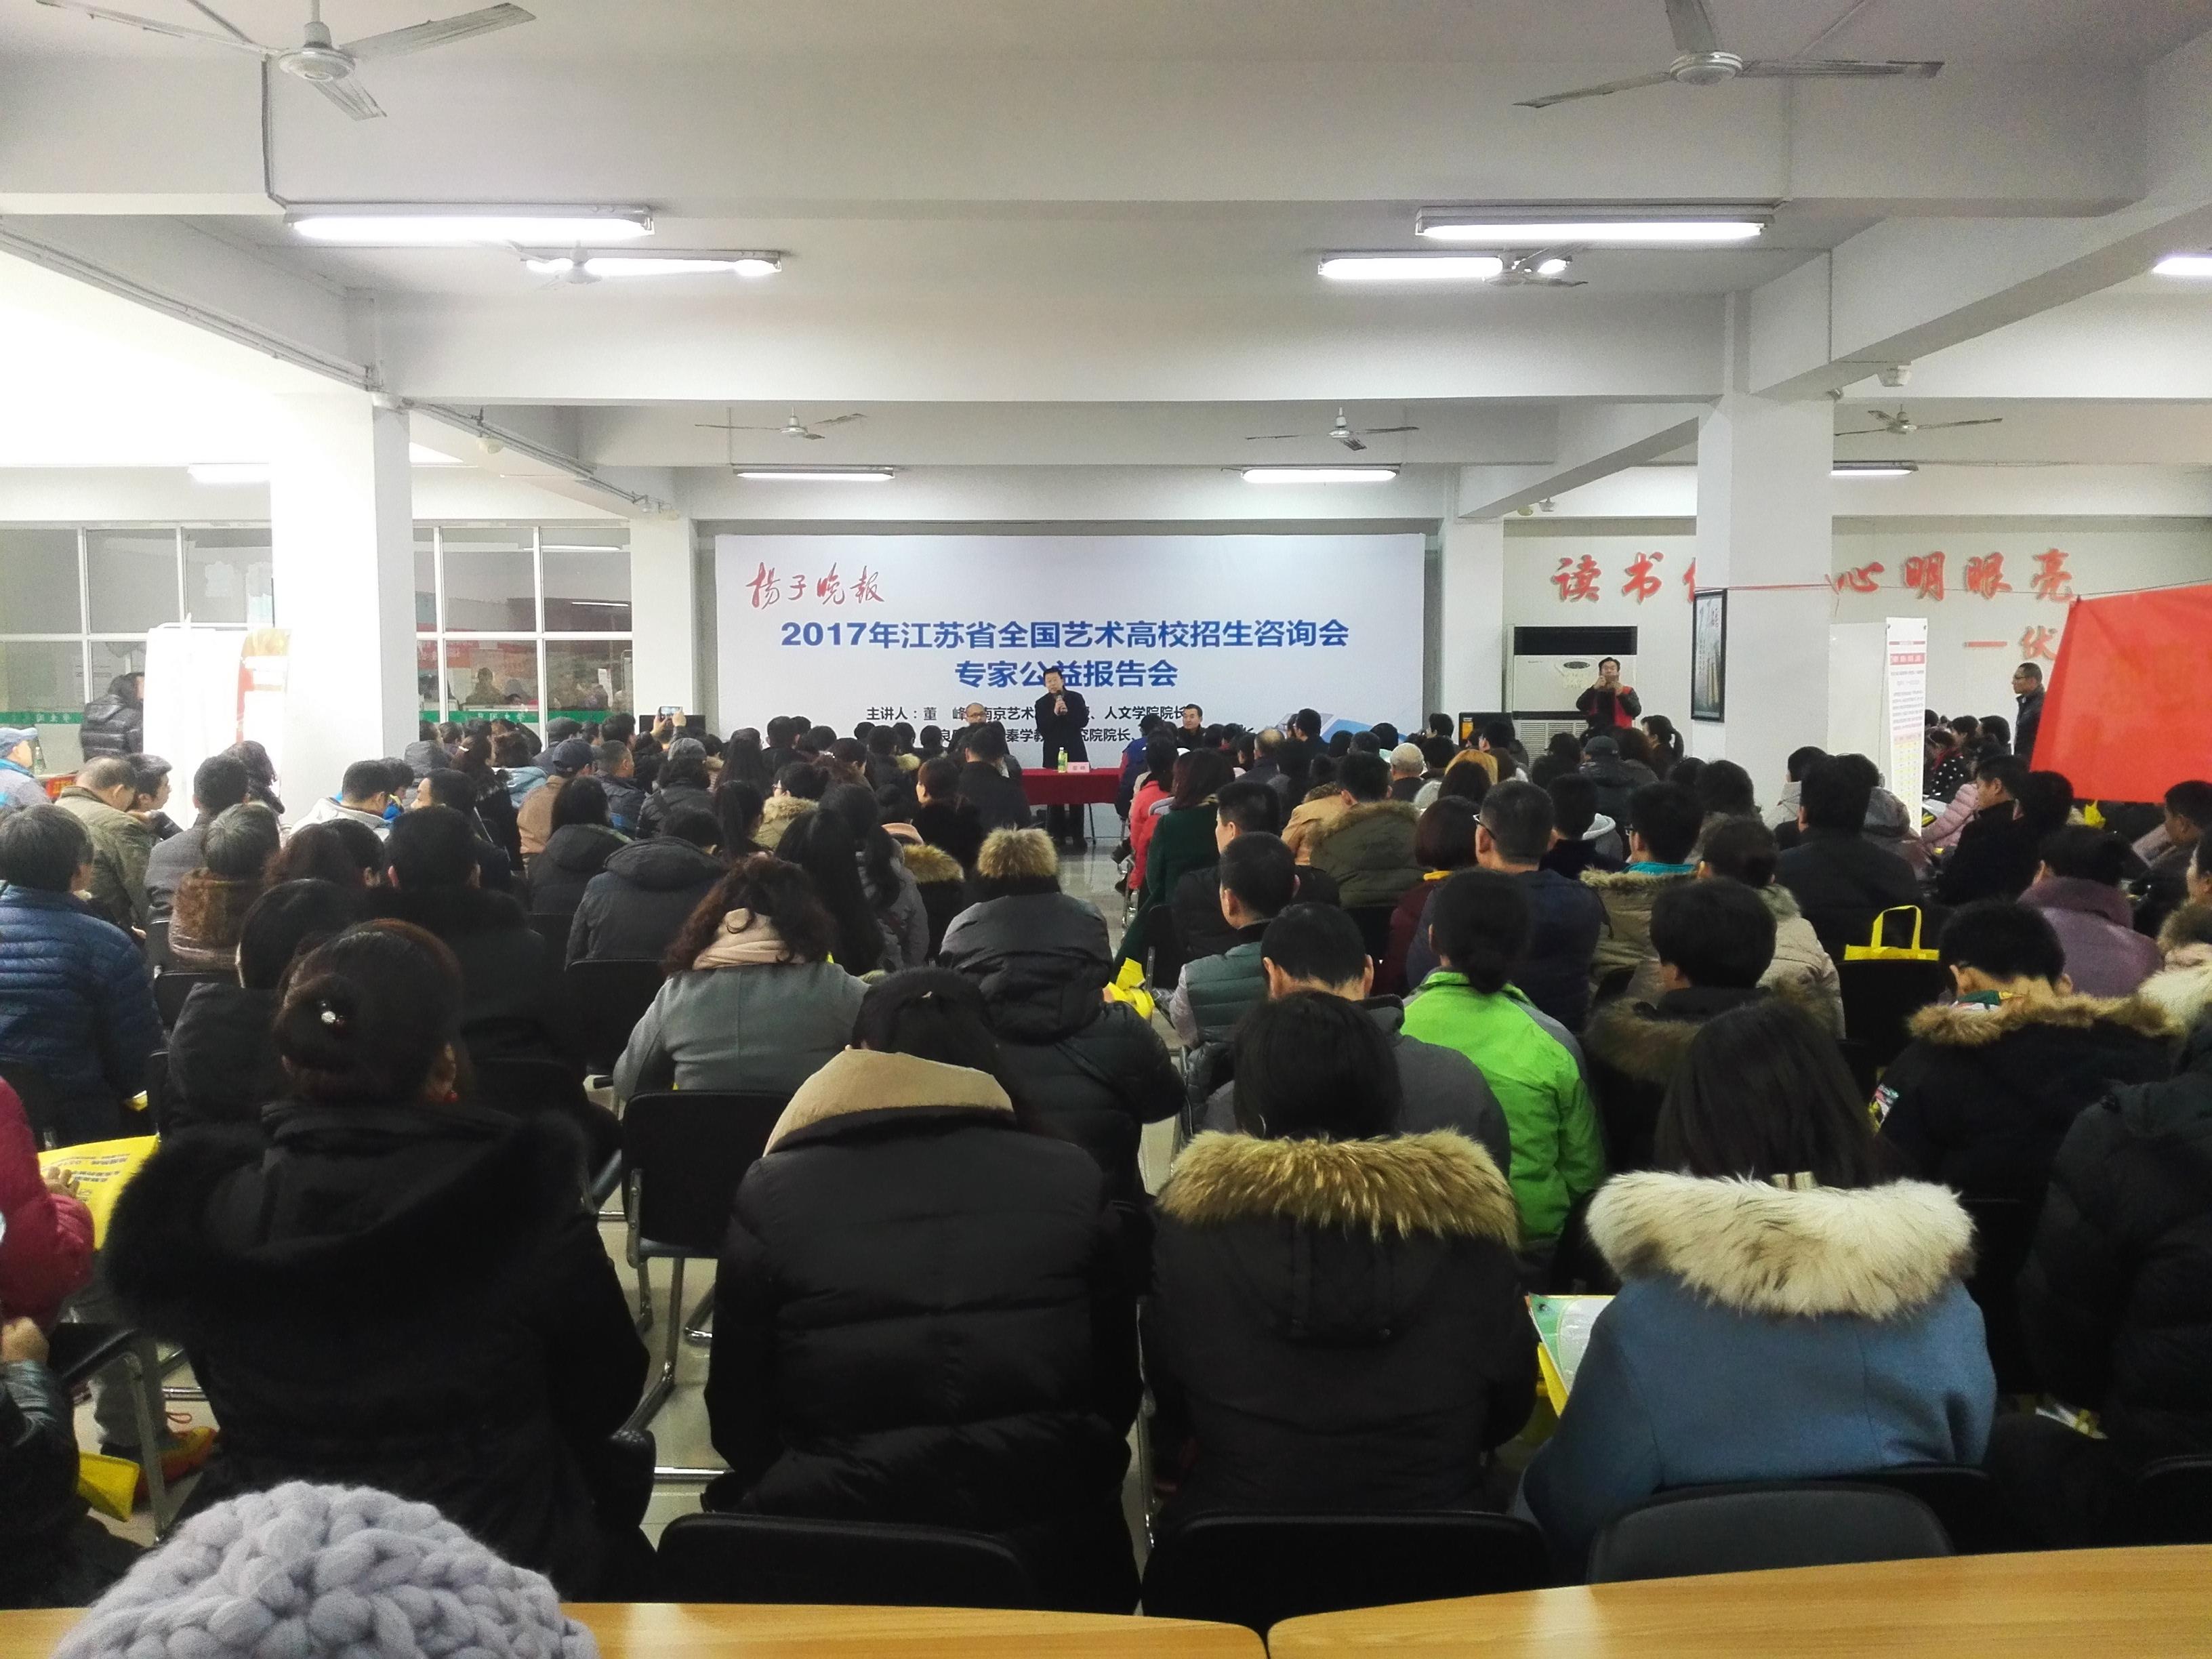 我校成功承办2017年江苏省全国艺术高校公益招生咨询会